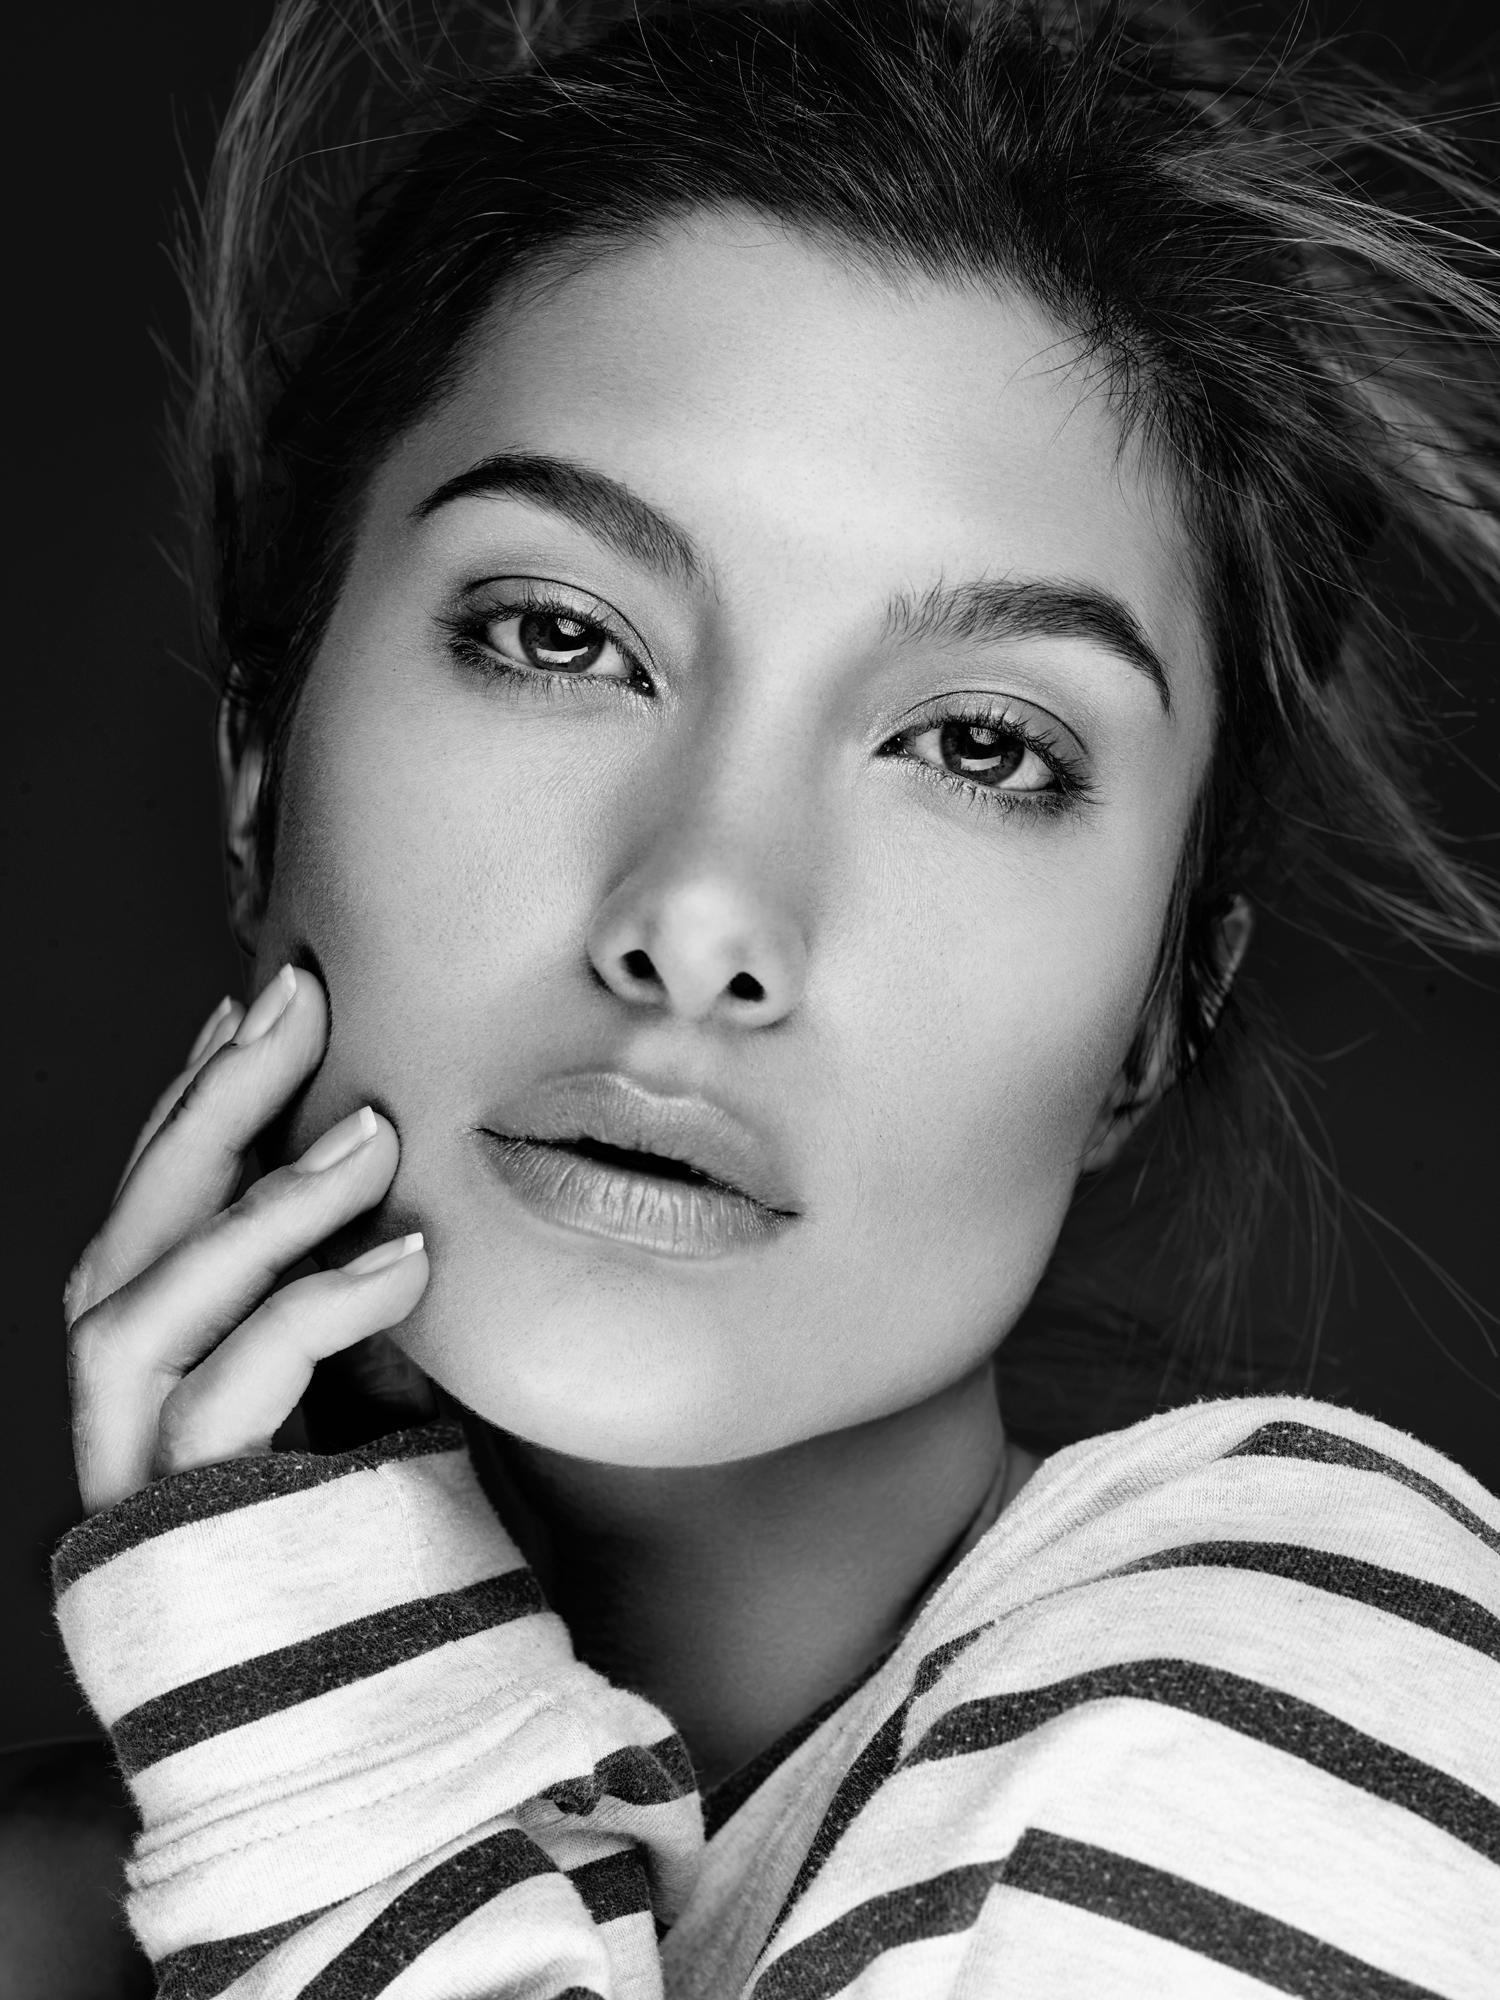 Alexandria Eissinger fotograf christian grüner black white face brunette portrait intense portræt